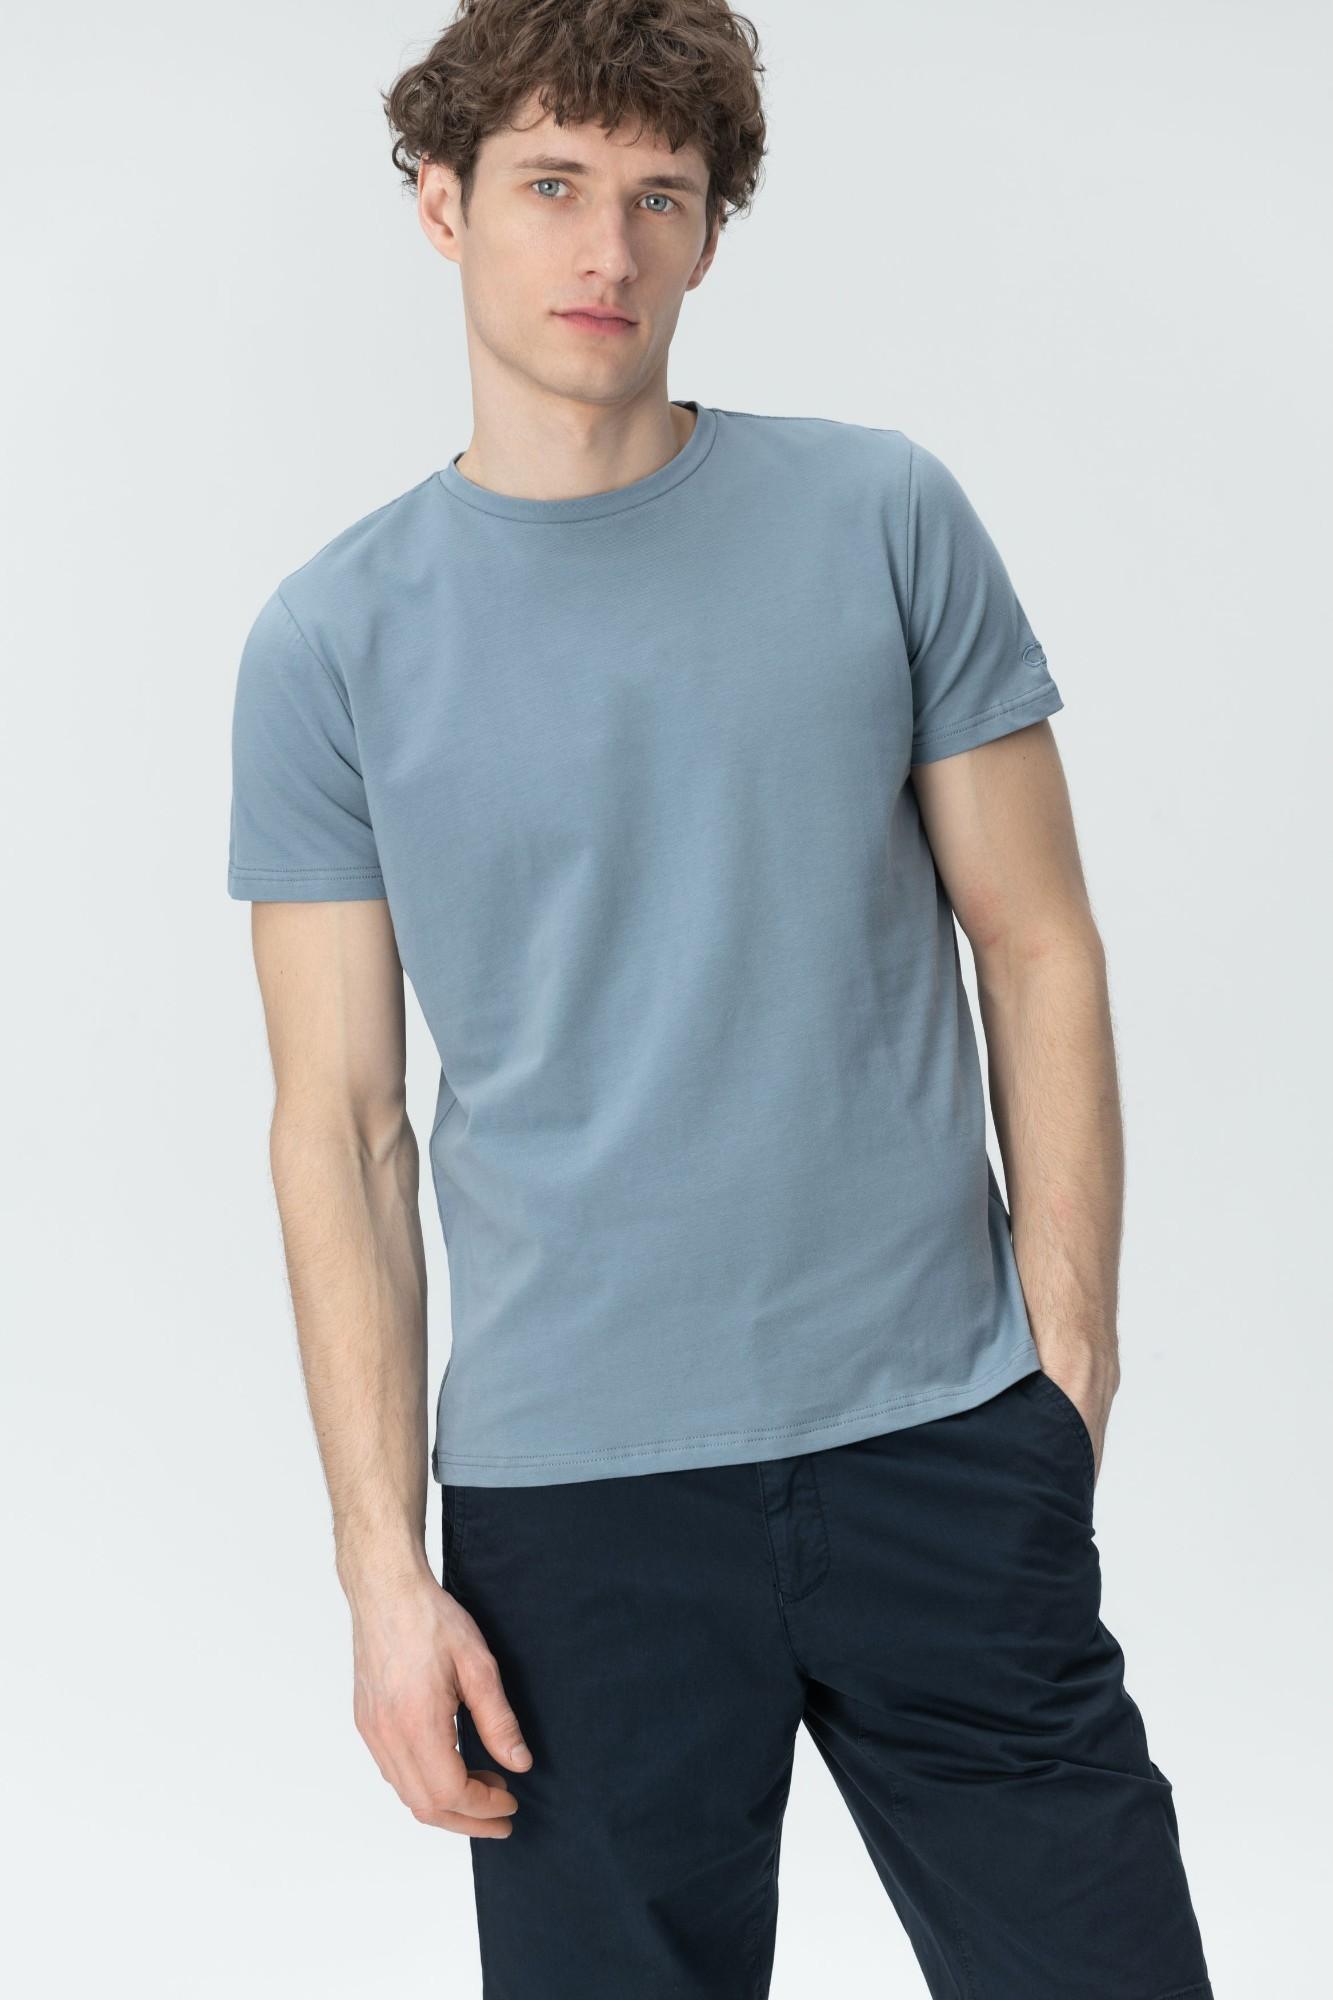 AUDIMAS Tamprūs medvilniniai marškinėliai 2011-472 Blue Mirage XL